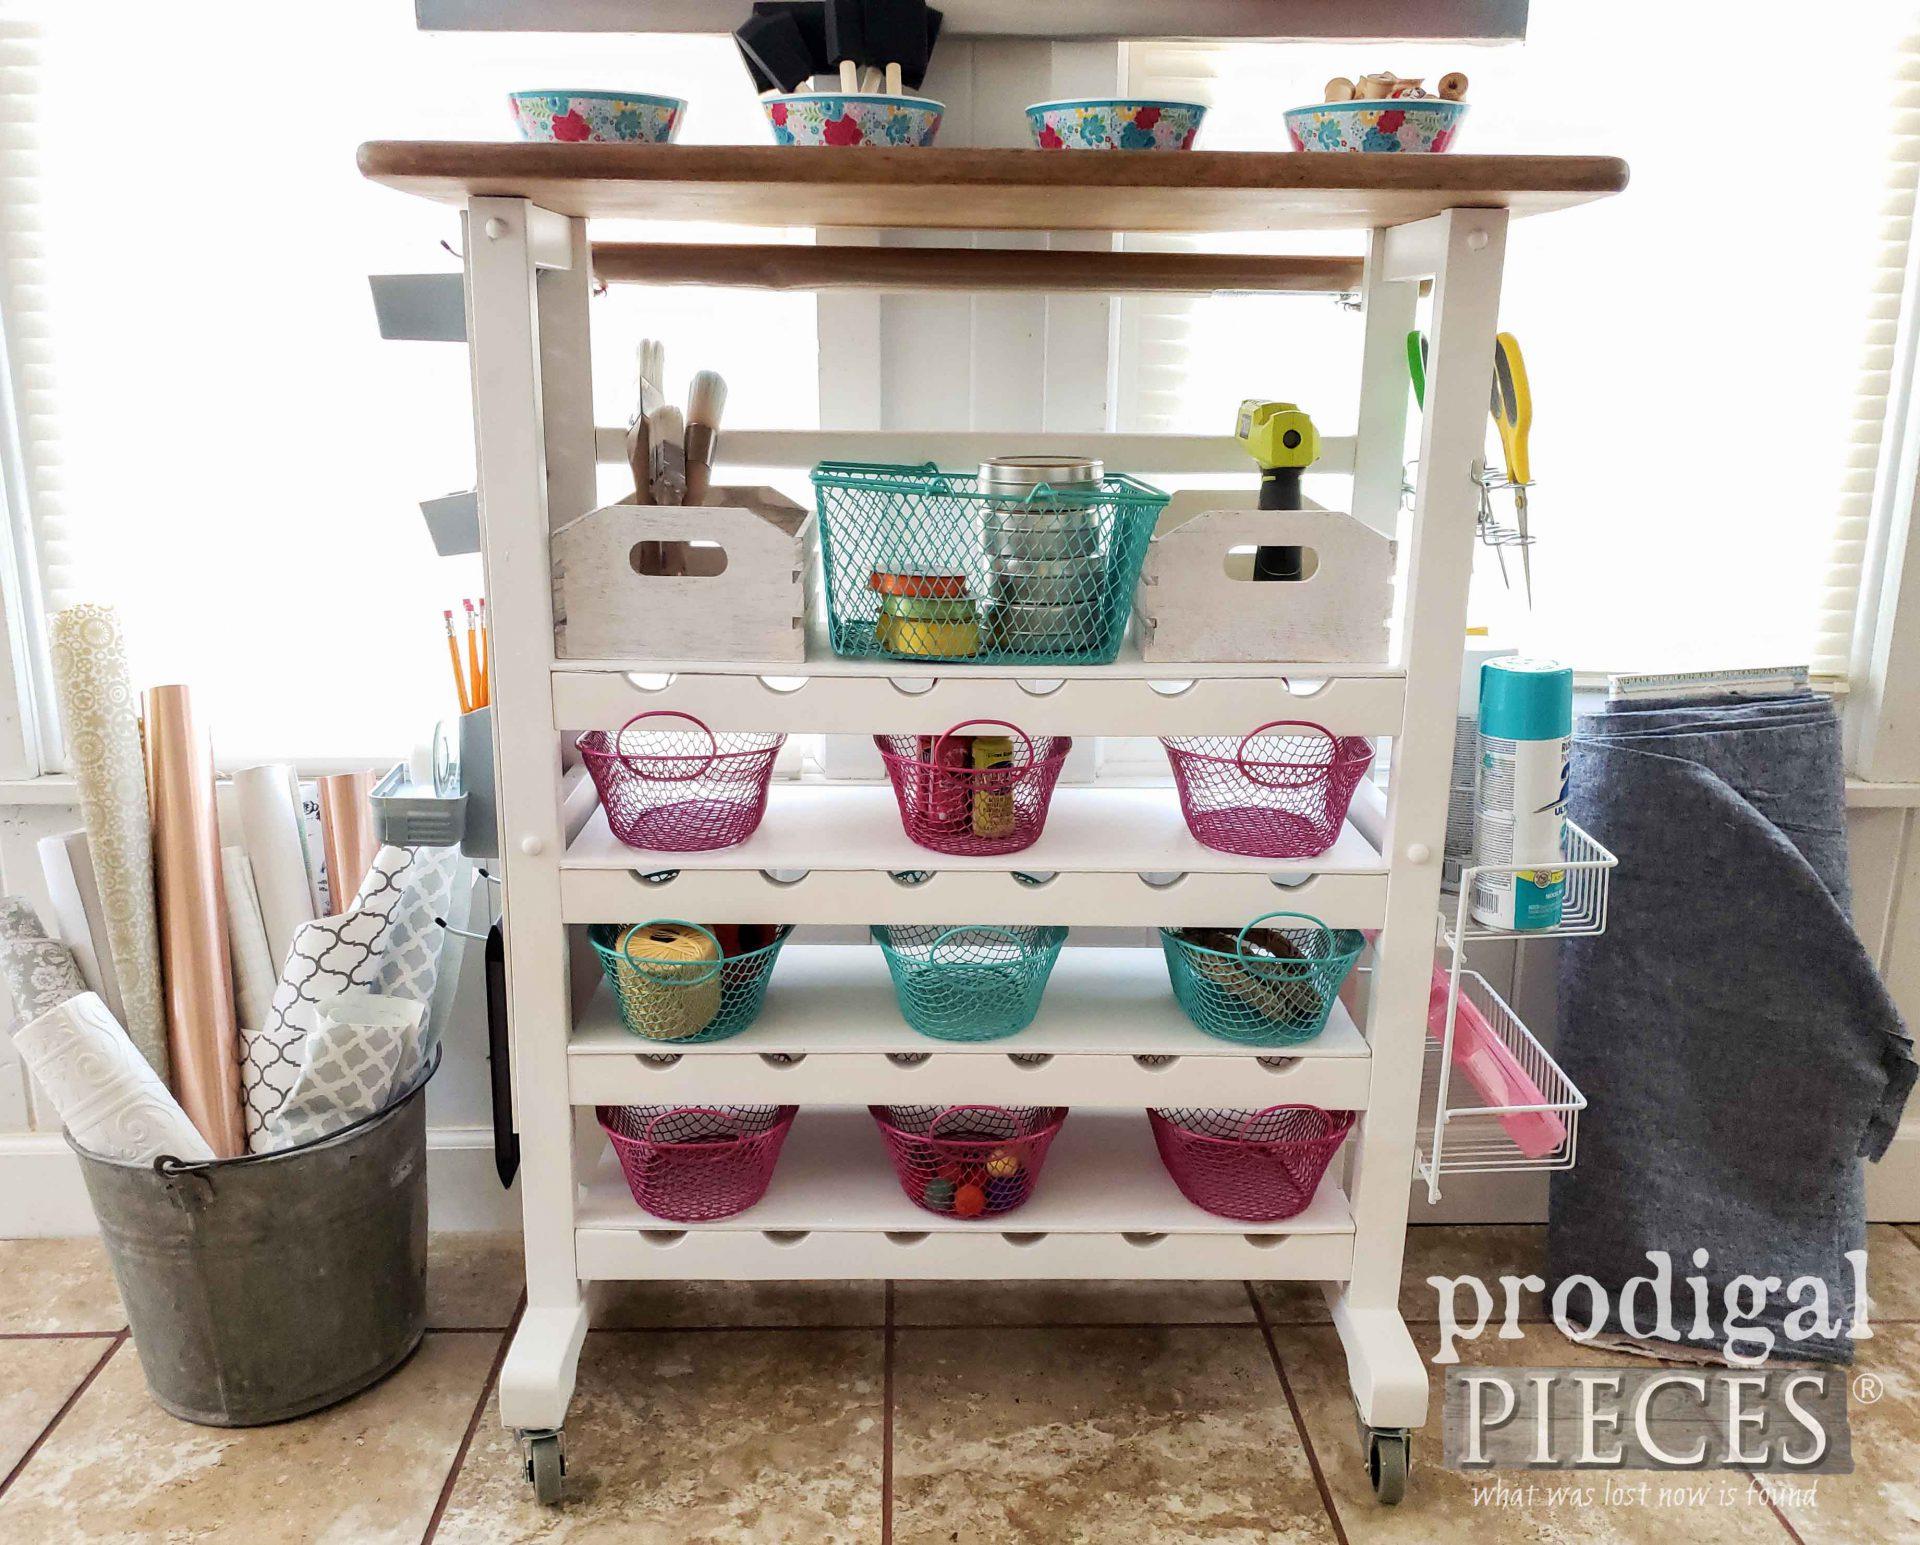 Handmade Craft Storage by Larissa of Prodigal Pieces | prodigalpieces.com #prodigalpieces #farmhouse #cottage #diy #storage #crafts